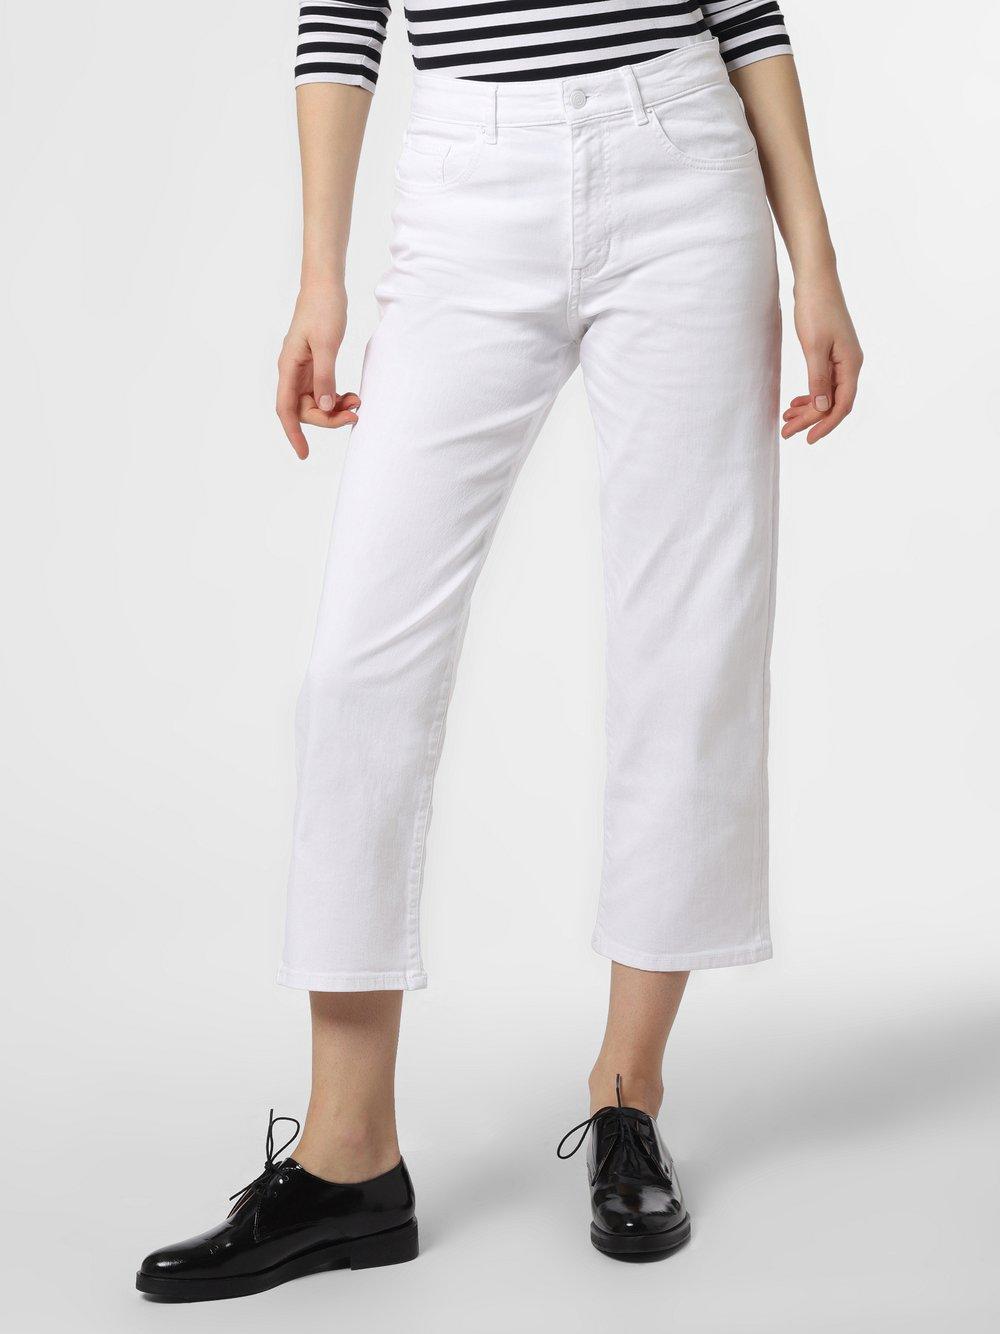 BOSS Casual – Jeansy damskie – Tucson, biały Van Graaf 460917-0001-00300